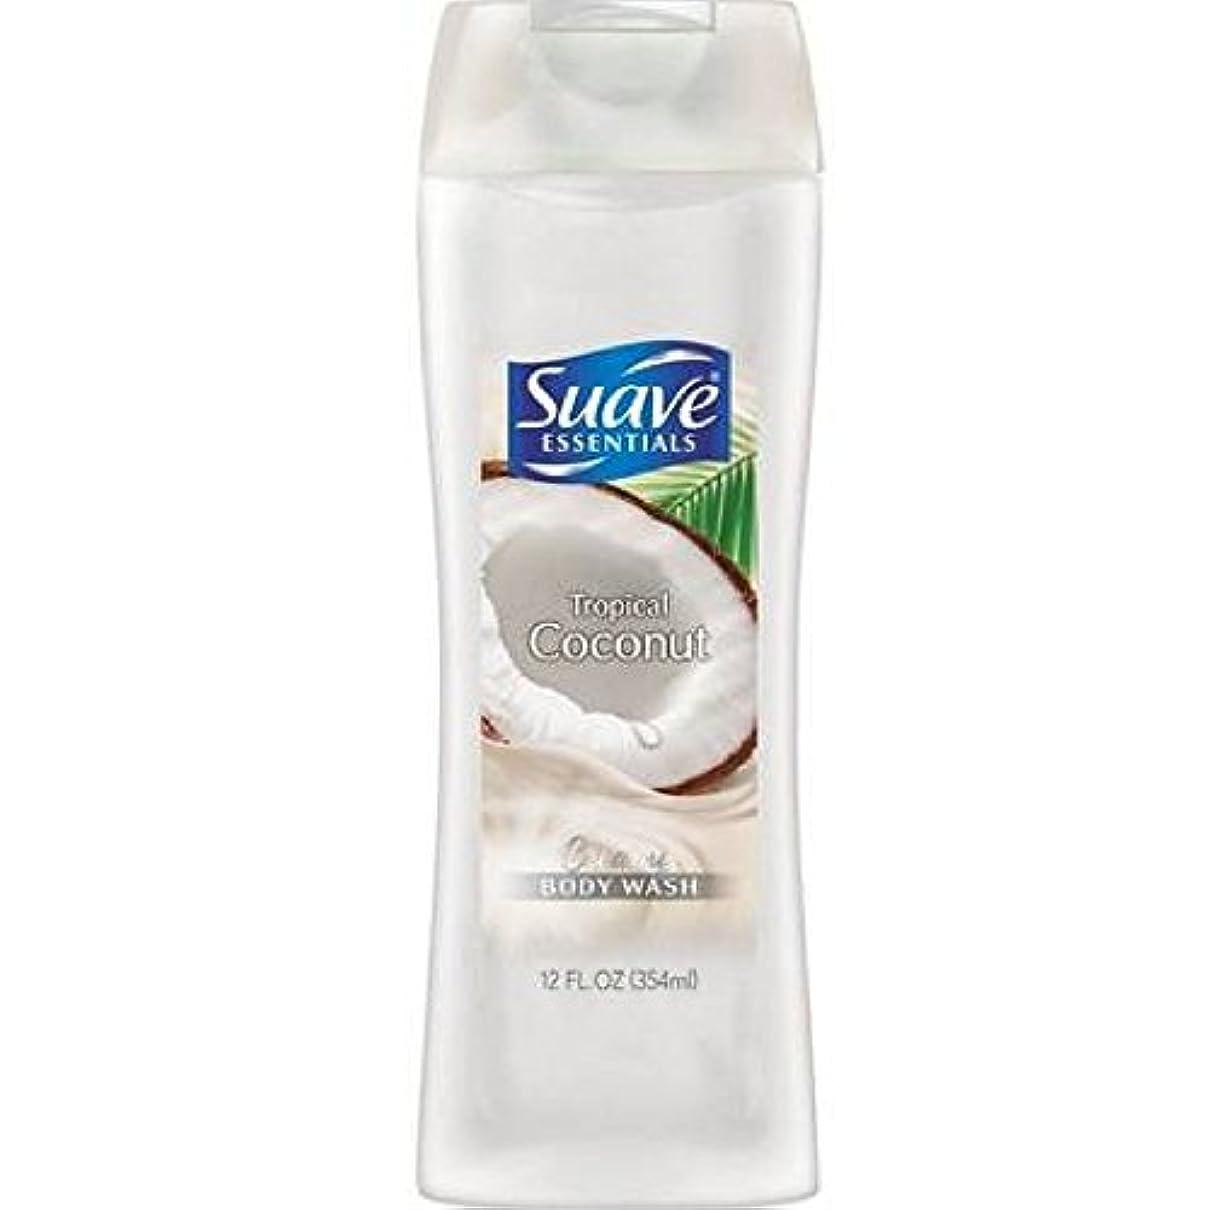 豊かなダンプレモンSuave Naturals Body Wash - Tropical Coconut - 12 oz - 2 pk by Suave [並行輸入品]